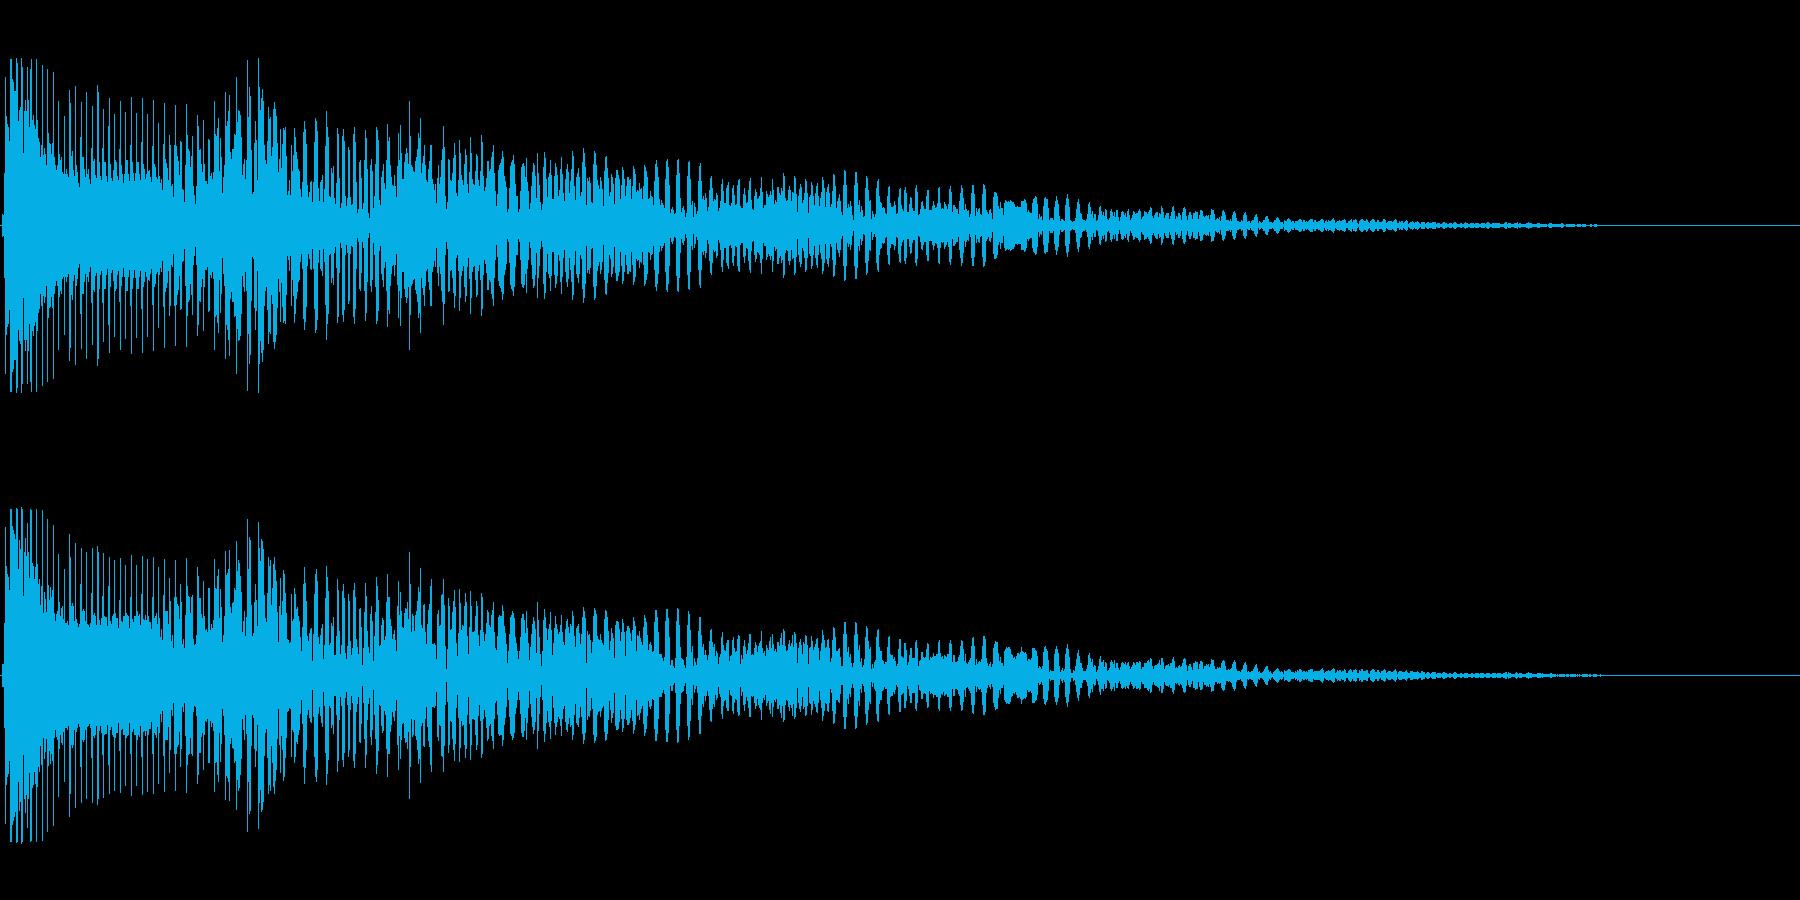 ボヨヨーン 口琴の再生済みの波形